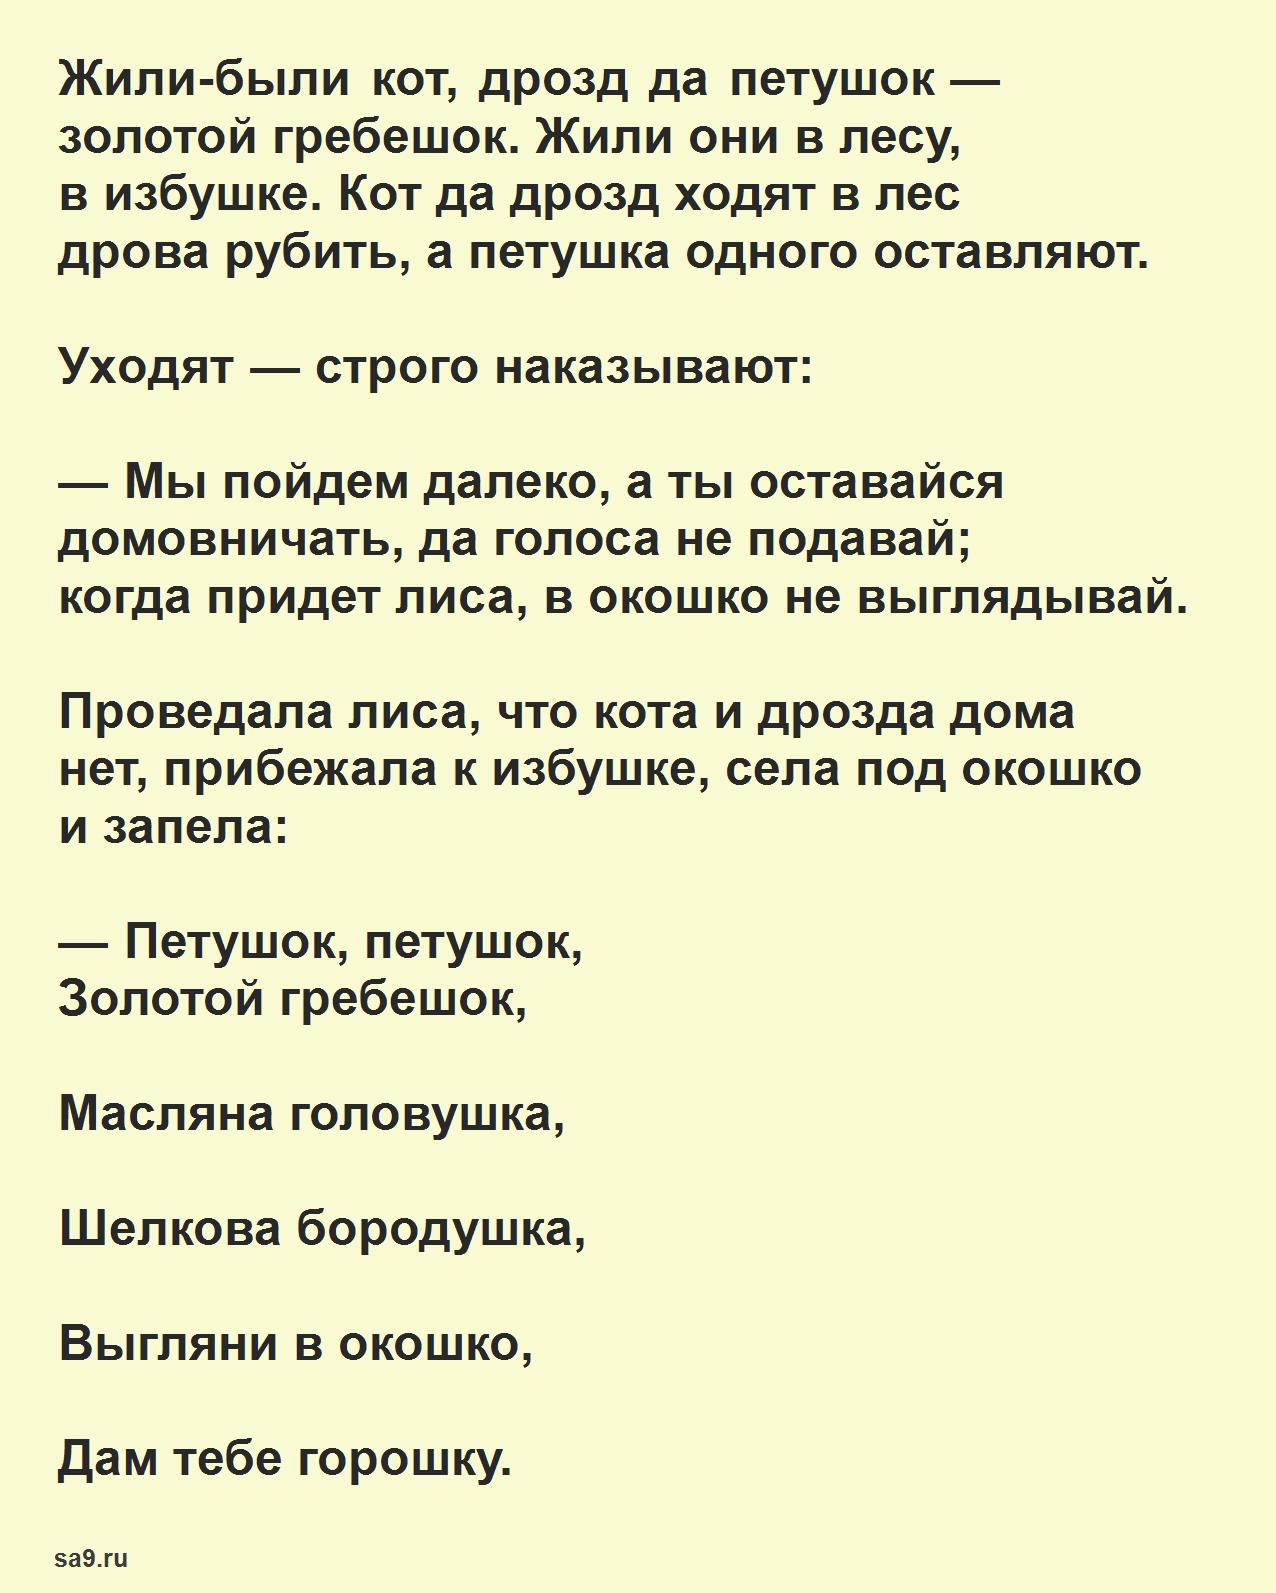 Петушок золотой гребешок - русская народная сказка